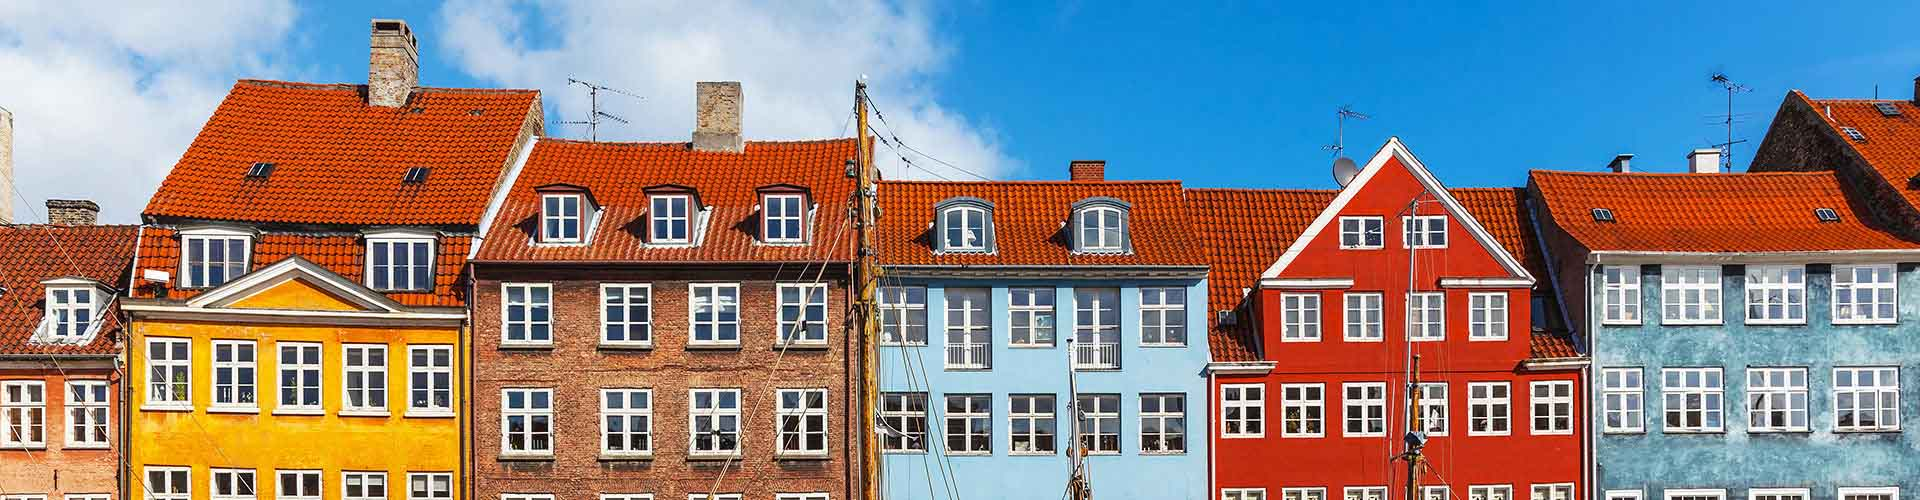 Kööpenhamina – Hostellit kaupungiosassa Island Brygge. Kööpenhamina -karttoja, valokuvia ja arvosteluja kaikista Kööpenhamina -hostelleista.